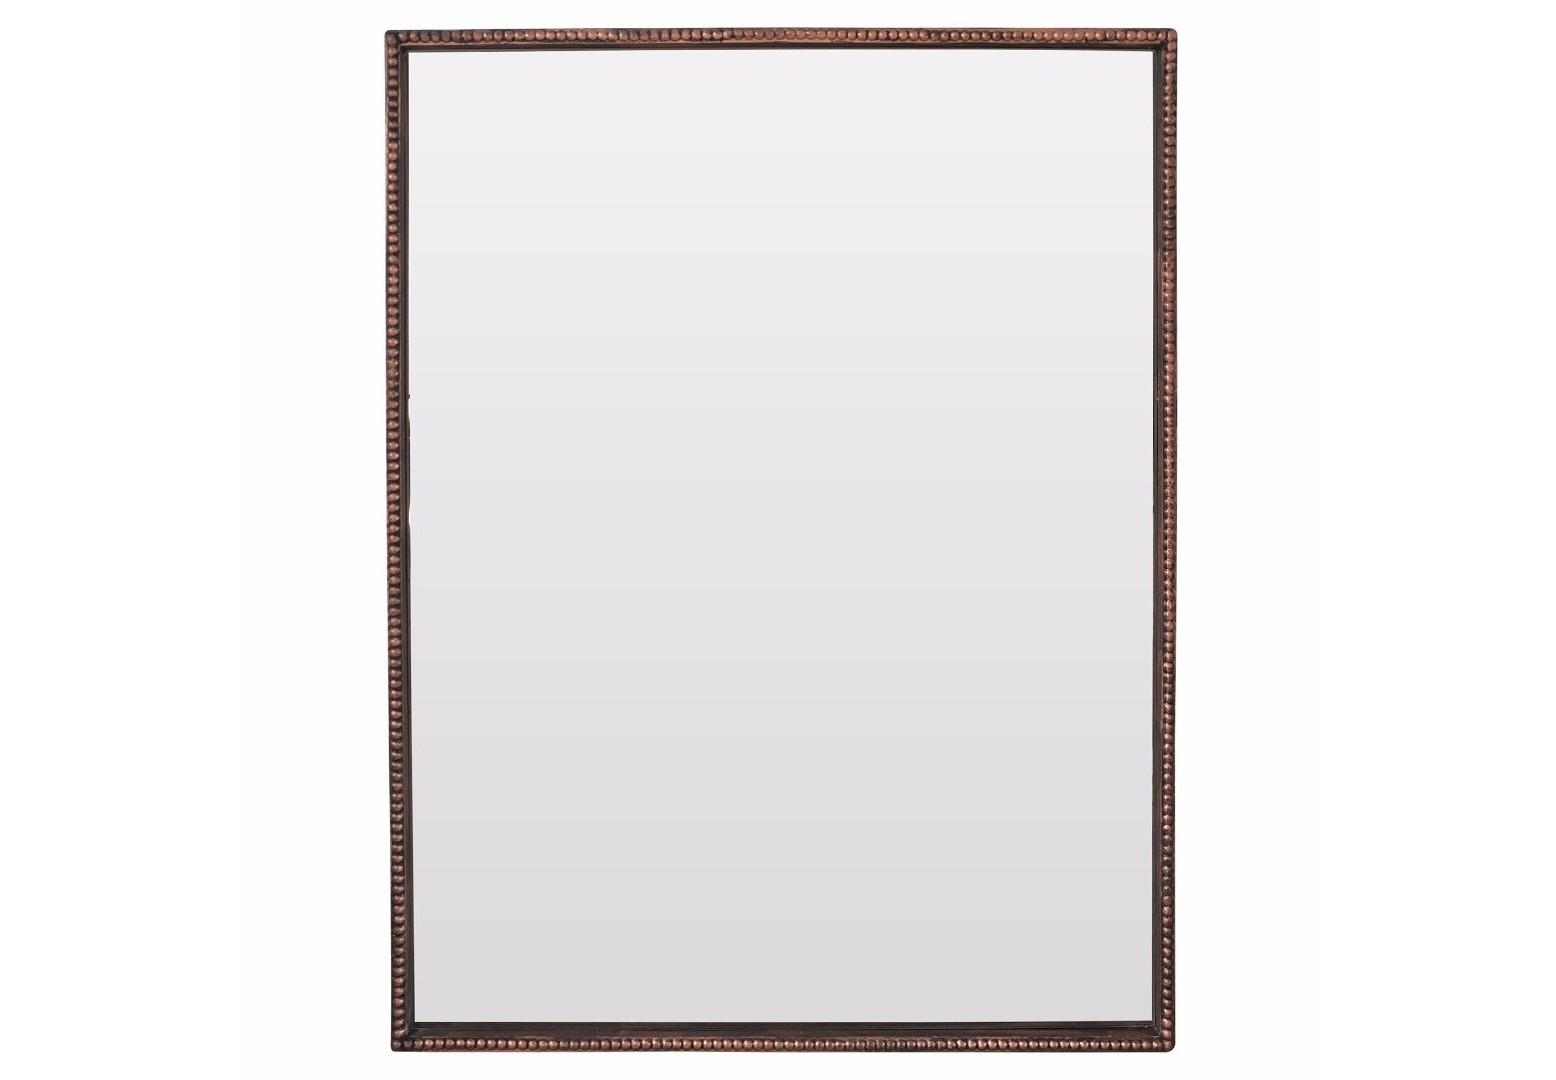 Зеркало OlufunkeНастенные зеркала<br>Коллекции B-Home – это дизайнерские зеркала, зеркальная мебель и предметы интерьера. Все изделия от и до мы создаем сами в нашей мастерской. Каждое – это уникальное произведение, арт-объект со своей историей и мелодией. Мы следим за современными трендами, лично отбираем лучшие материалы и каждый день трудимся над созданием новых шедевров, которые будут радовать вас. Если вы ищете что-то действительно качественное, стоящее и эксклюзивное, что сделано с душой и руками человека, B-Home придется вам по вкусу!<br><br>kit: None<br>gender: None